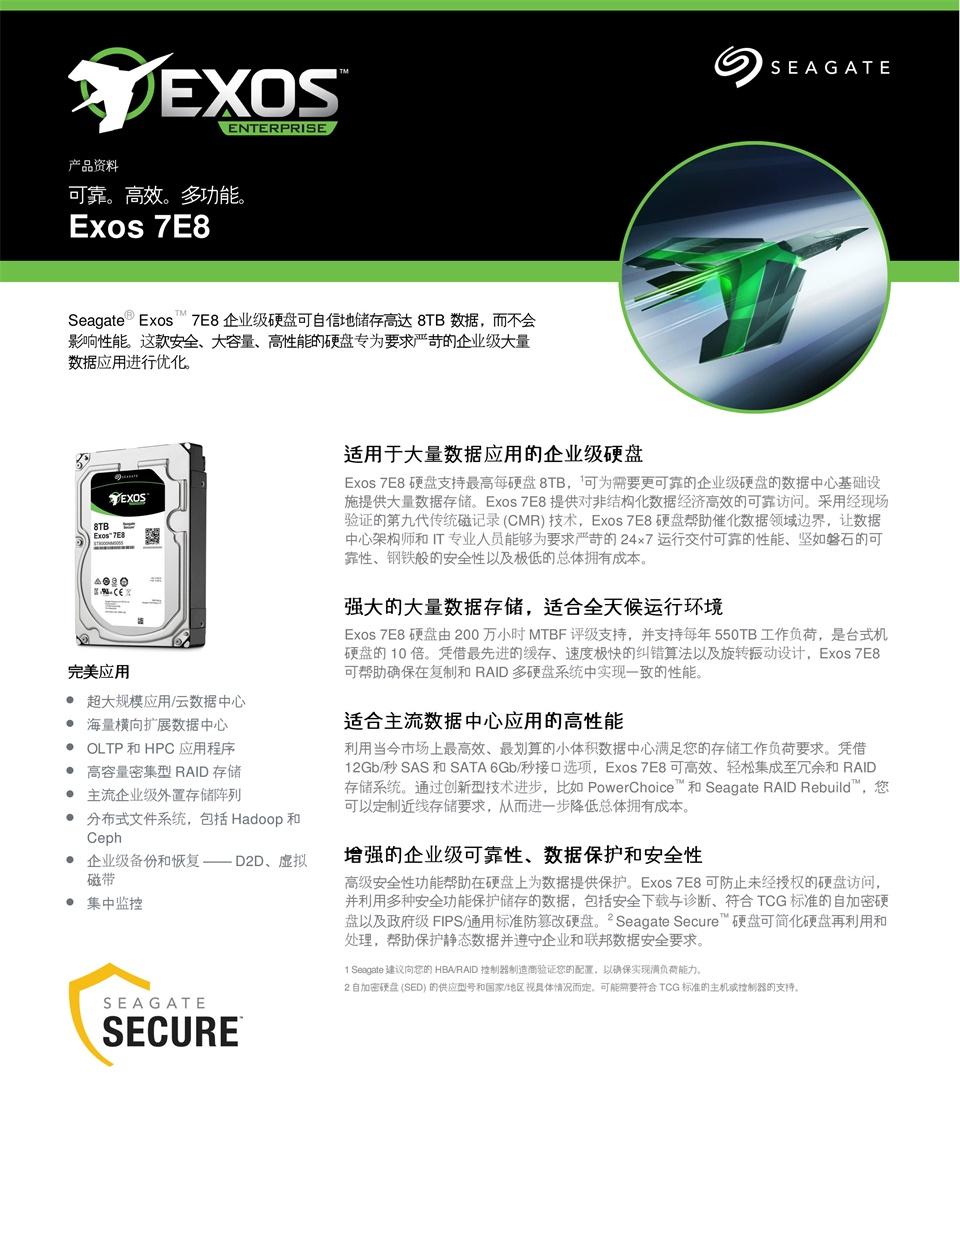 希捷 Exos 7E8 系列 6TB 7200转 512e 256mb SATA 企业级硬盘(ST6000NM0115)